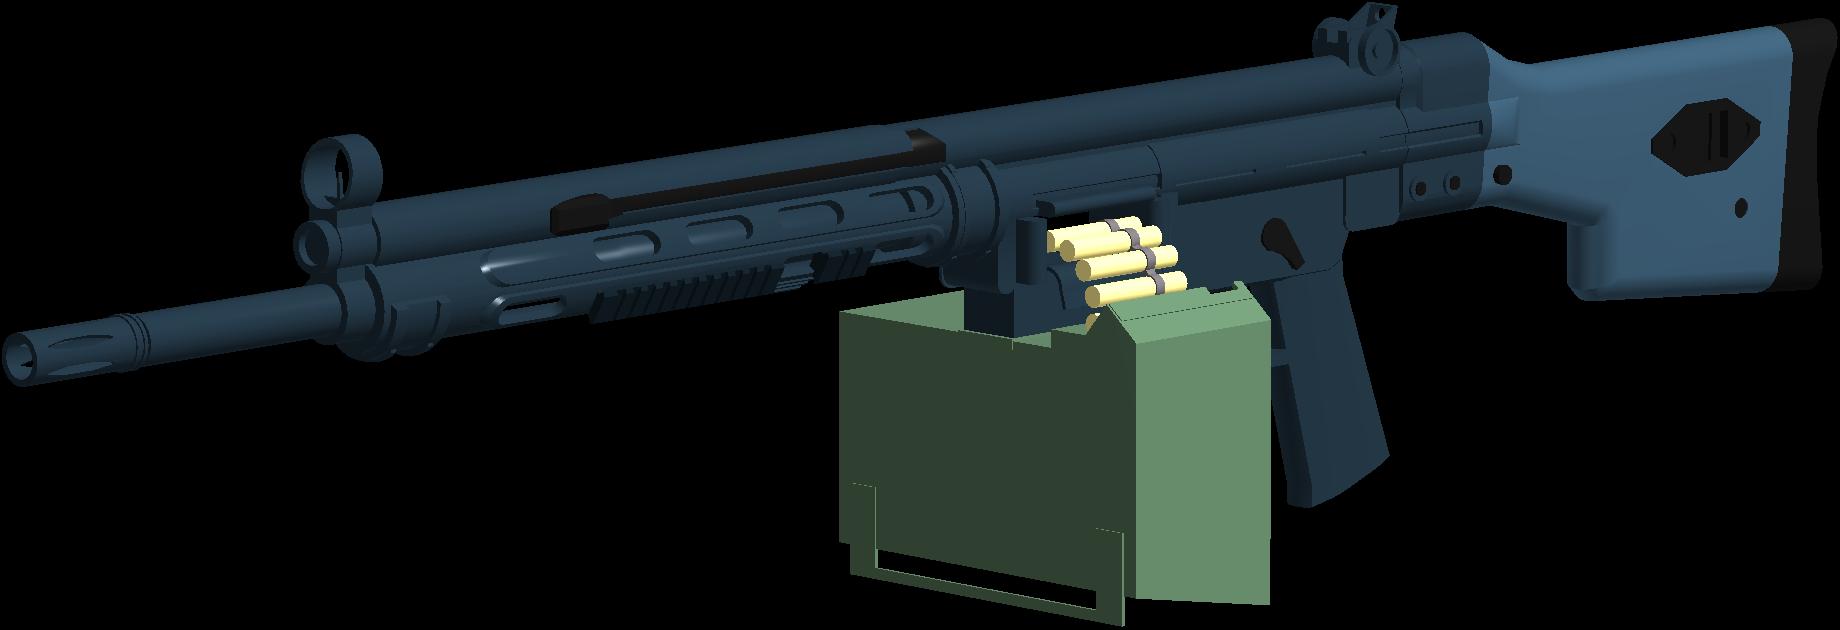 HK21 | Phantom Forces Wiki | FANDOM powered by Wikia